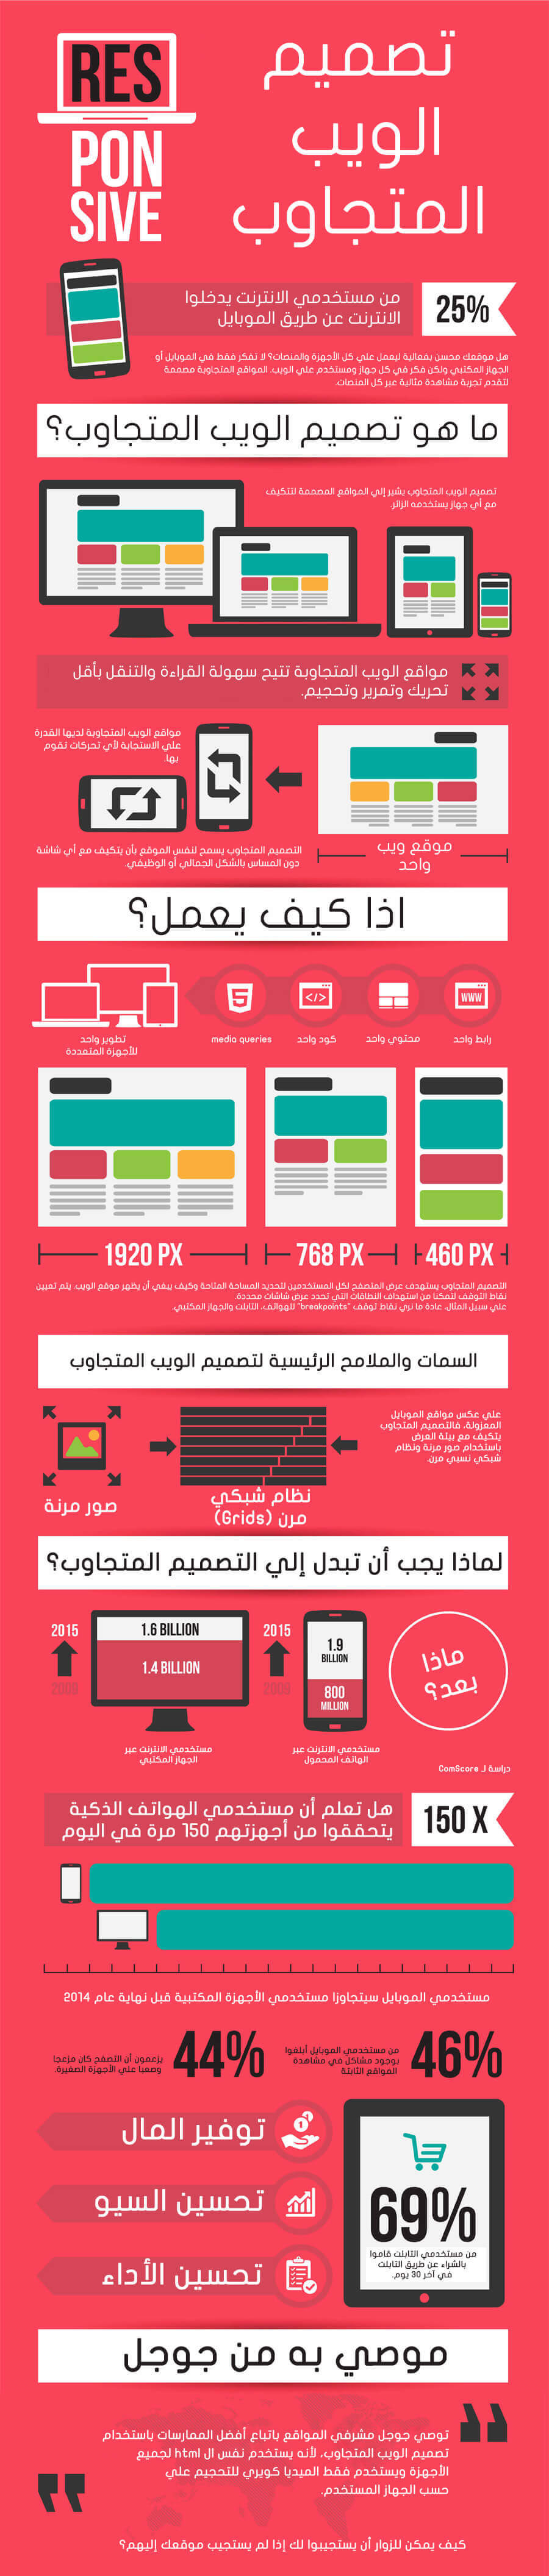 تصميم الويب المتجاوب ، عن تصميم الويب المتجاوب ، الويب المتجاوب ، أهمية تصميم الويب المتجاوب ، معلومات عن تصميم الويب المتجاوب ، السمات الرئيسية لتصميم الويب المتجاوب